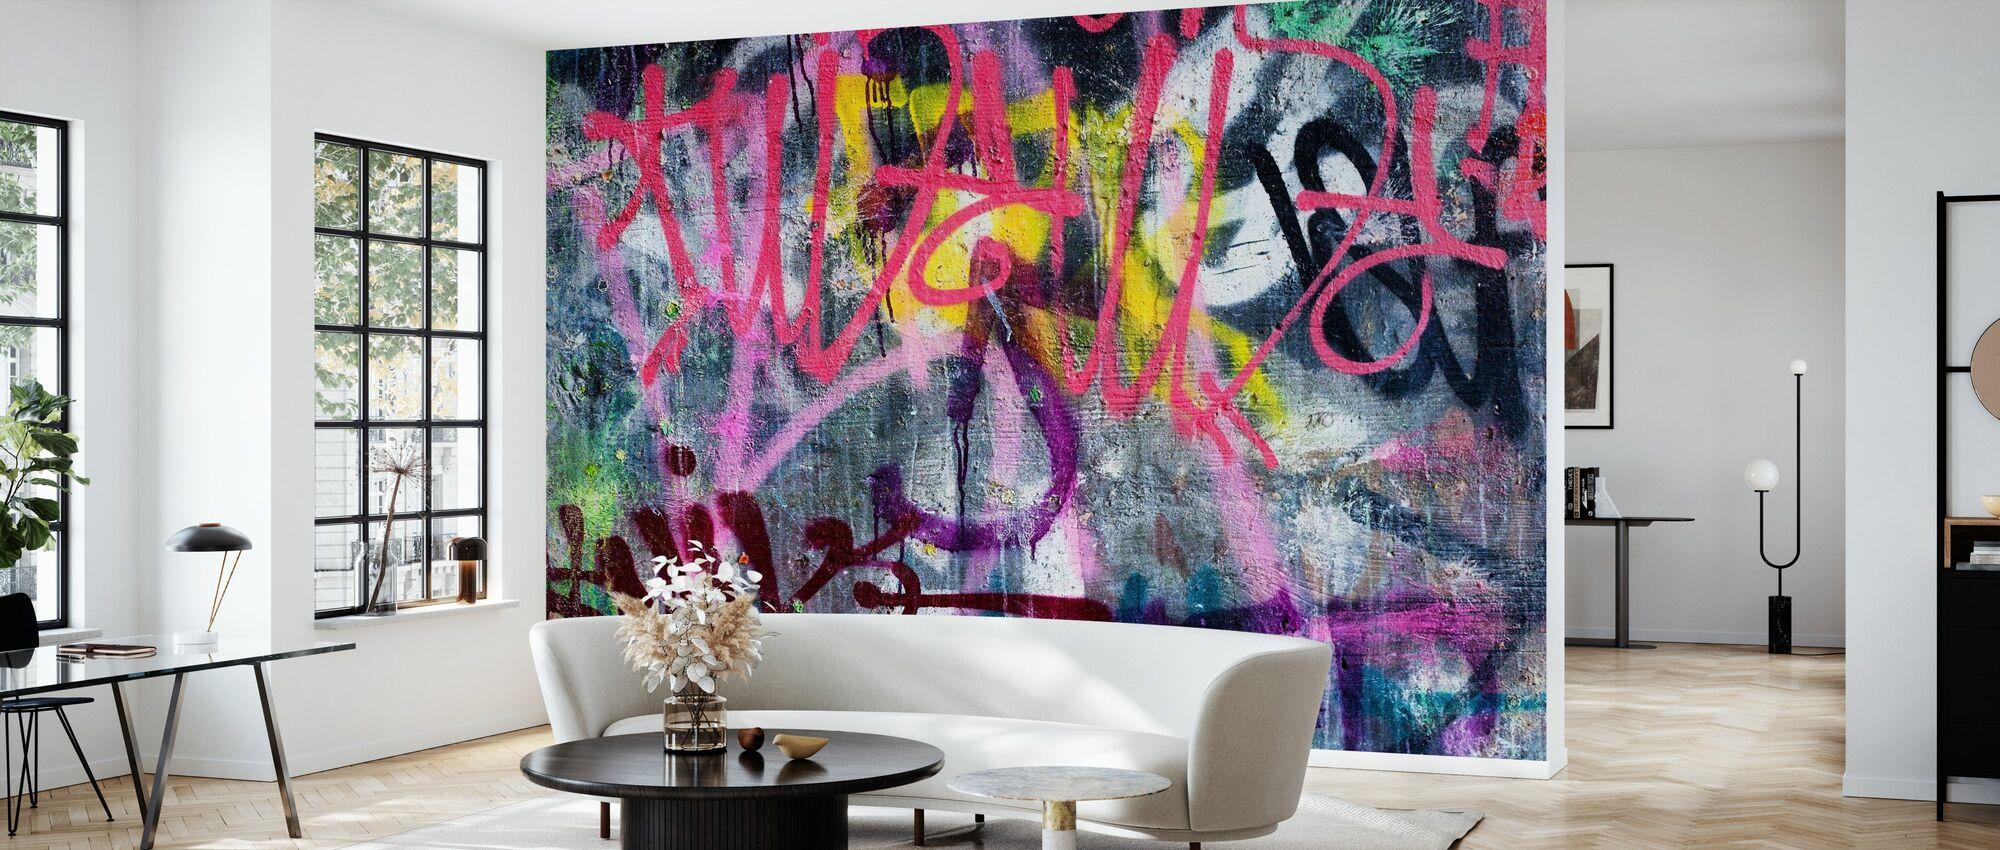 Graffiti coloré - Papier peint - Salle à manger